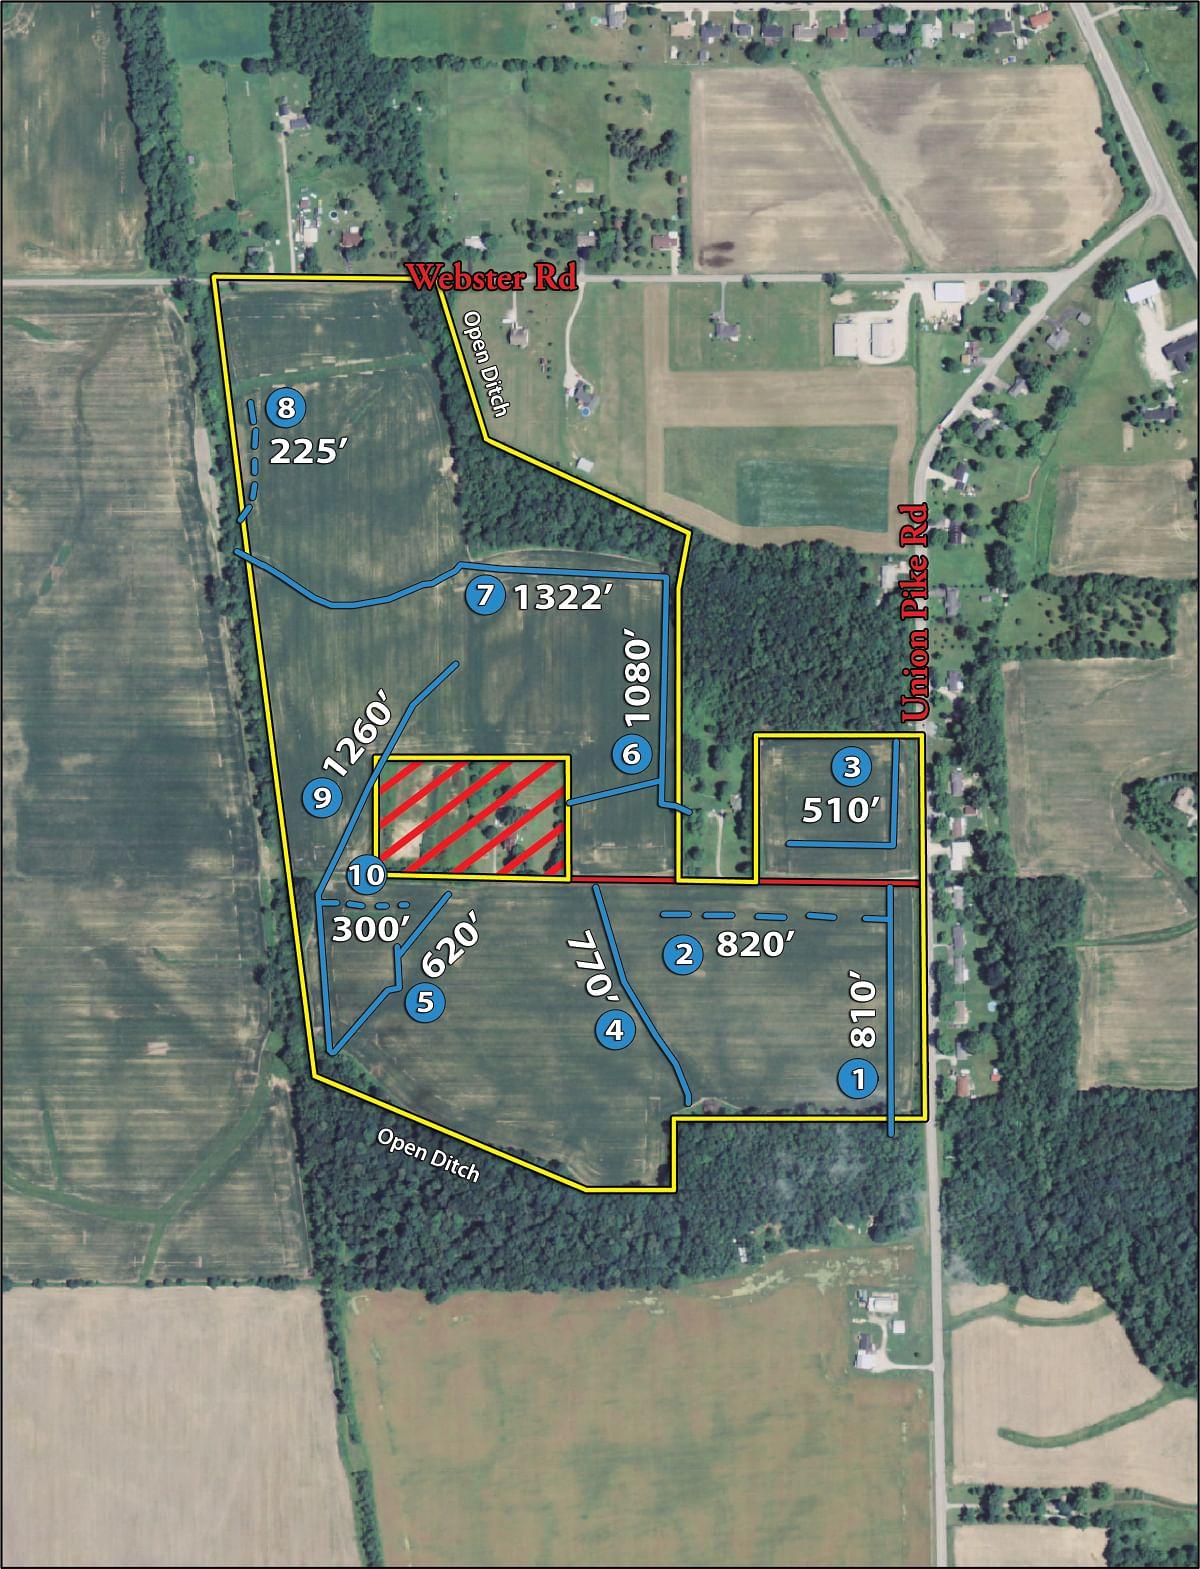 Richmond Auto Auction >> 87+/- Acre Grain Farm - Schrader Real Estate and Auction ...